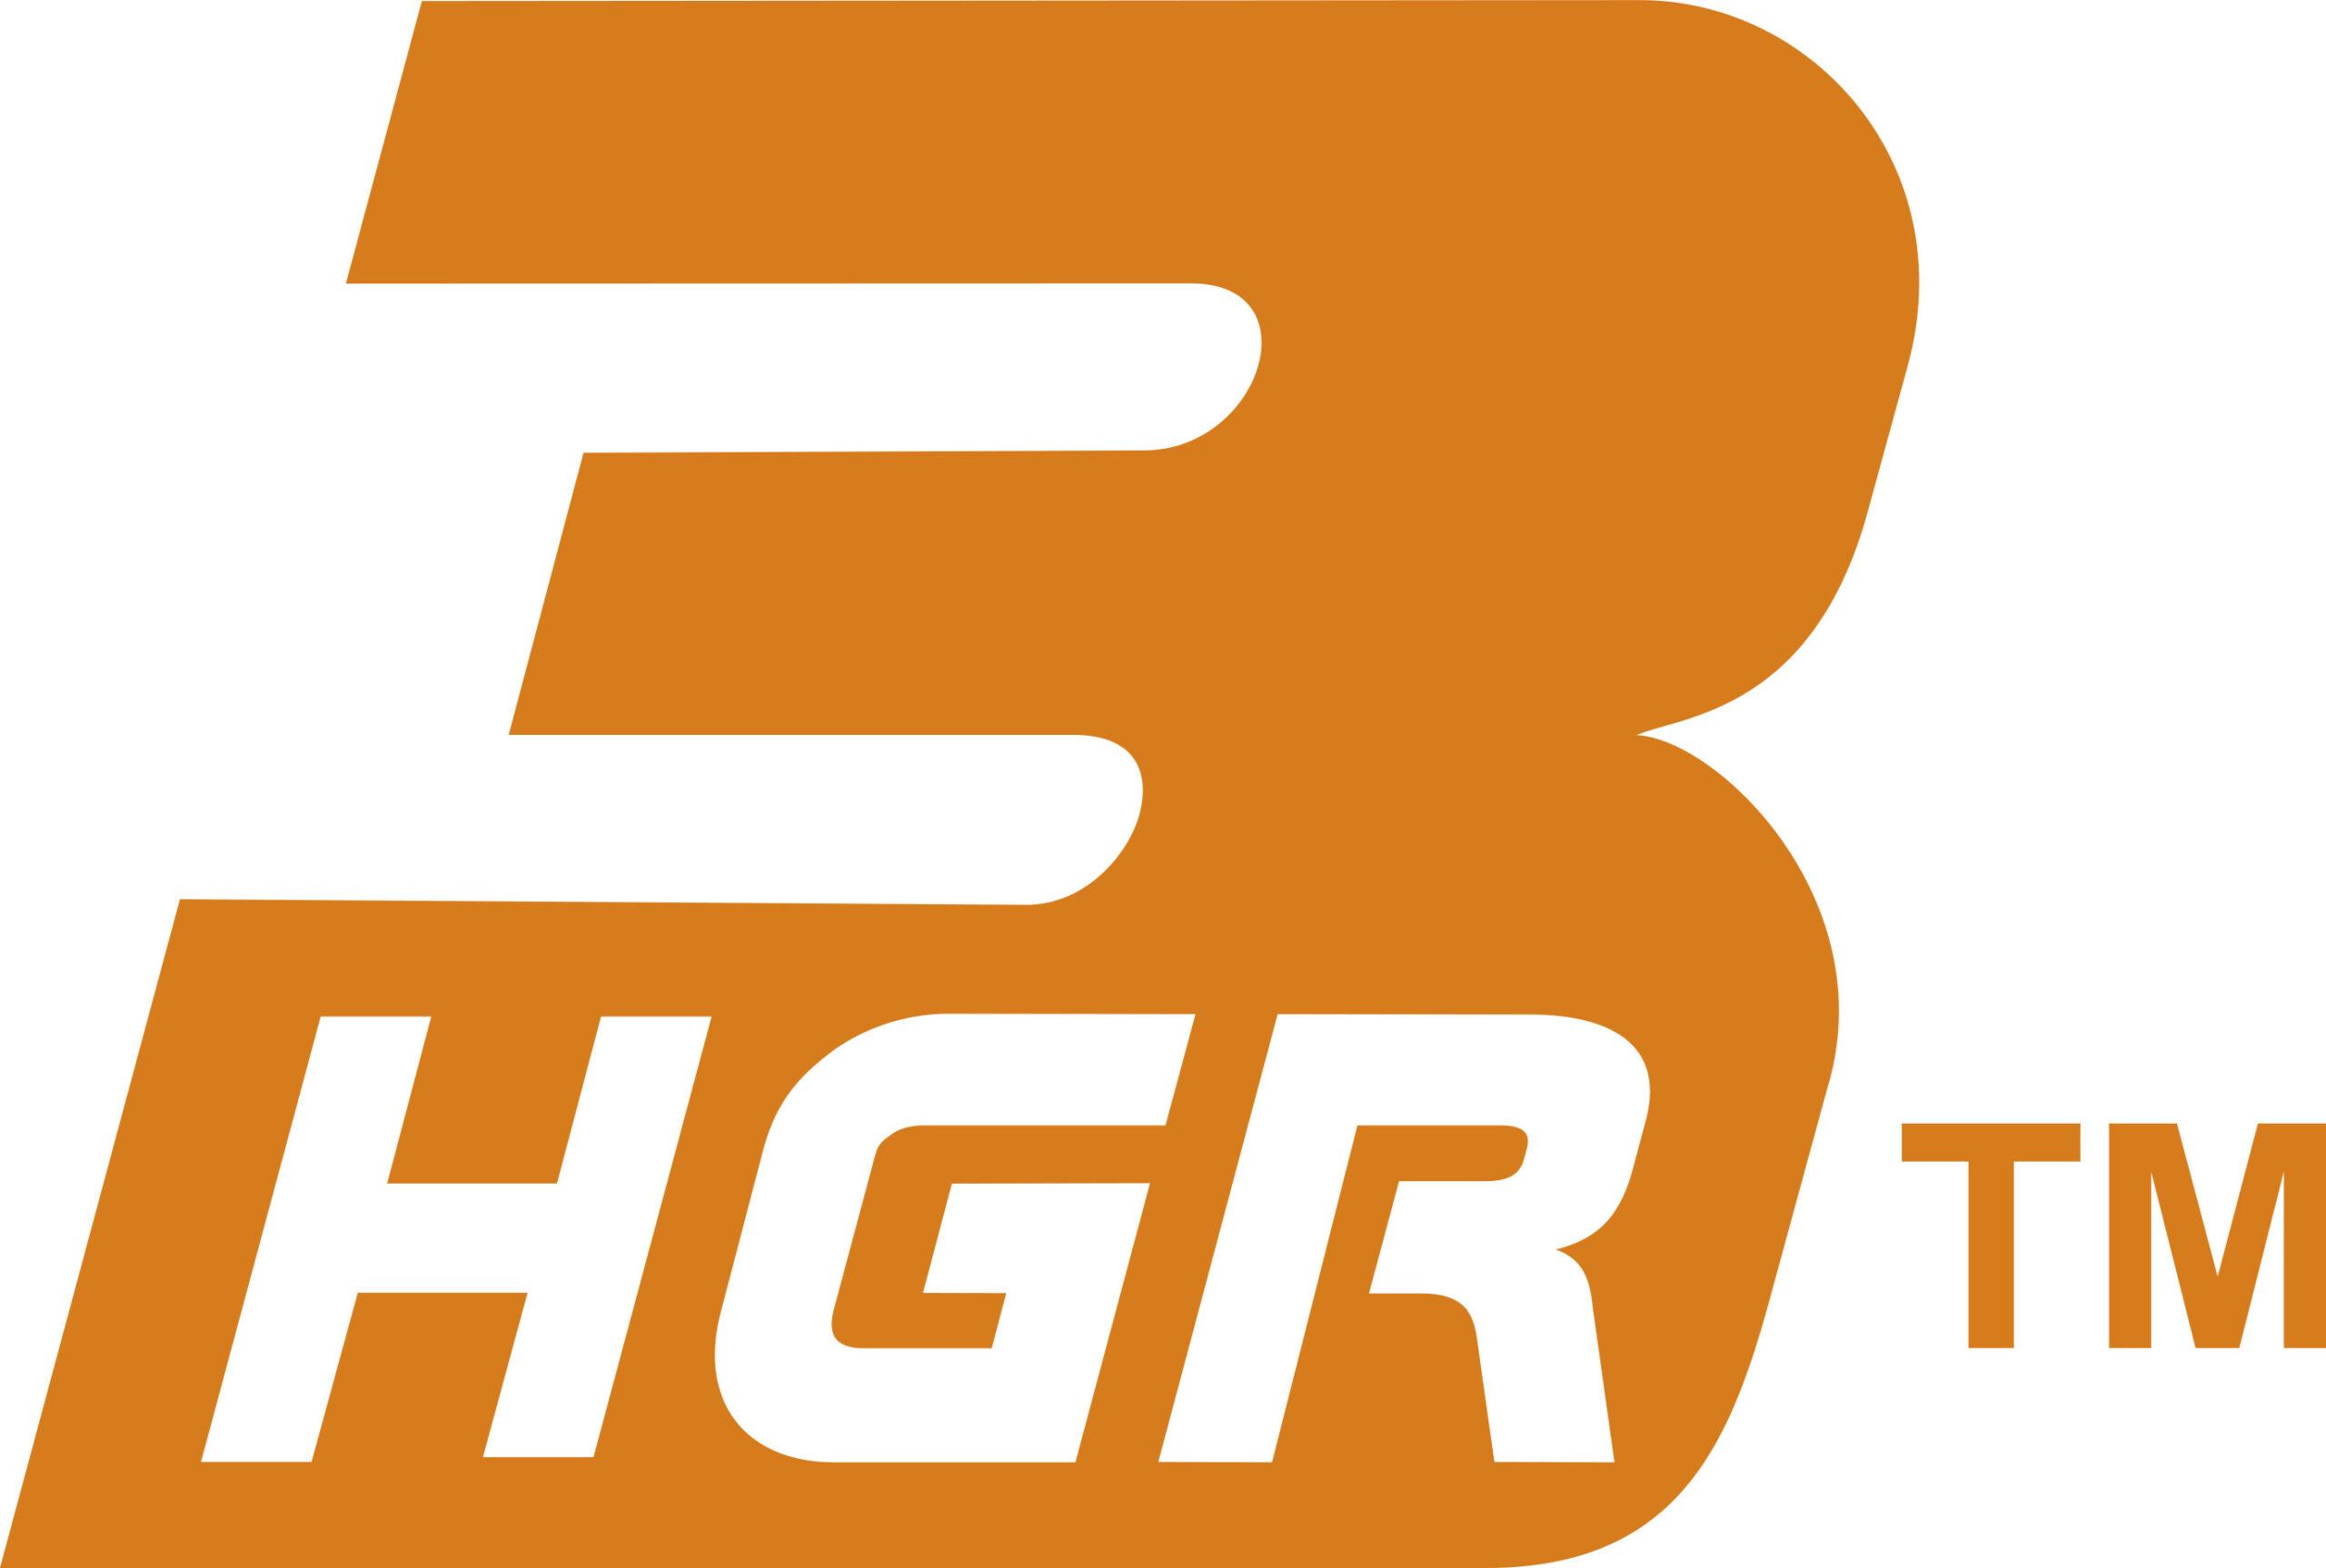 3hgr-logo